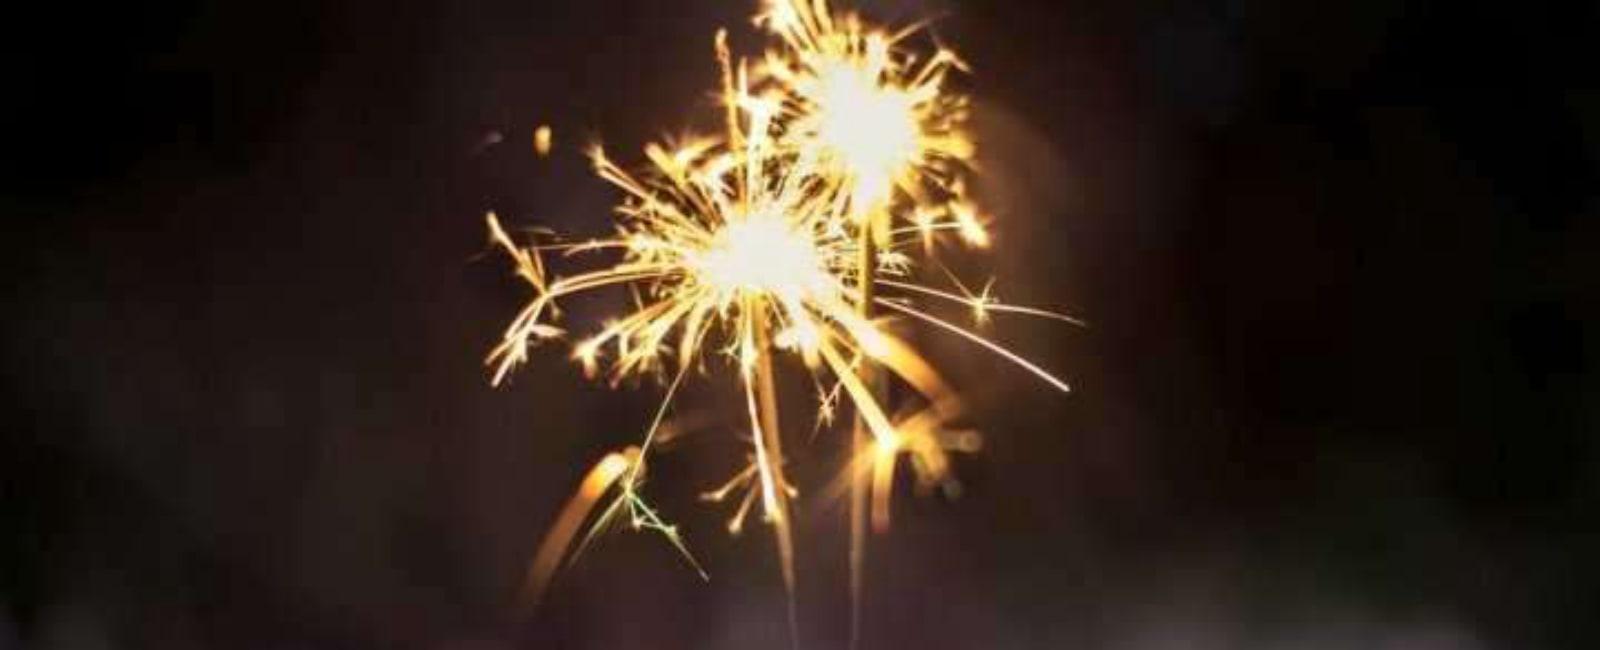 Curiozitati despre Anul Nou, Revelion